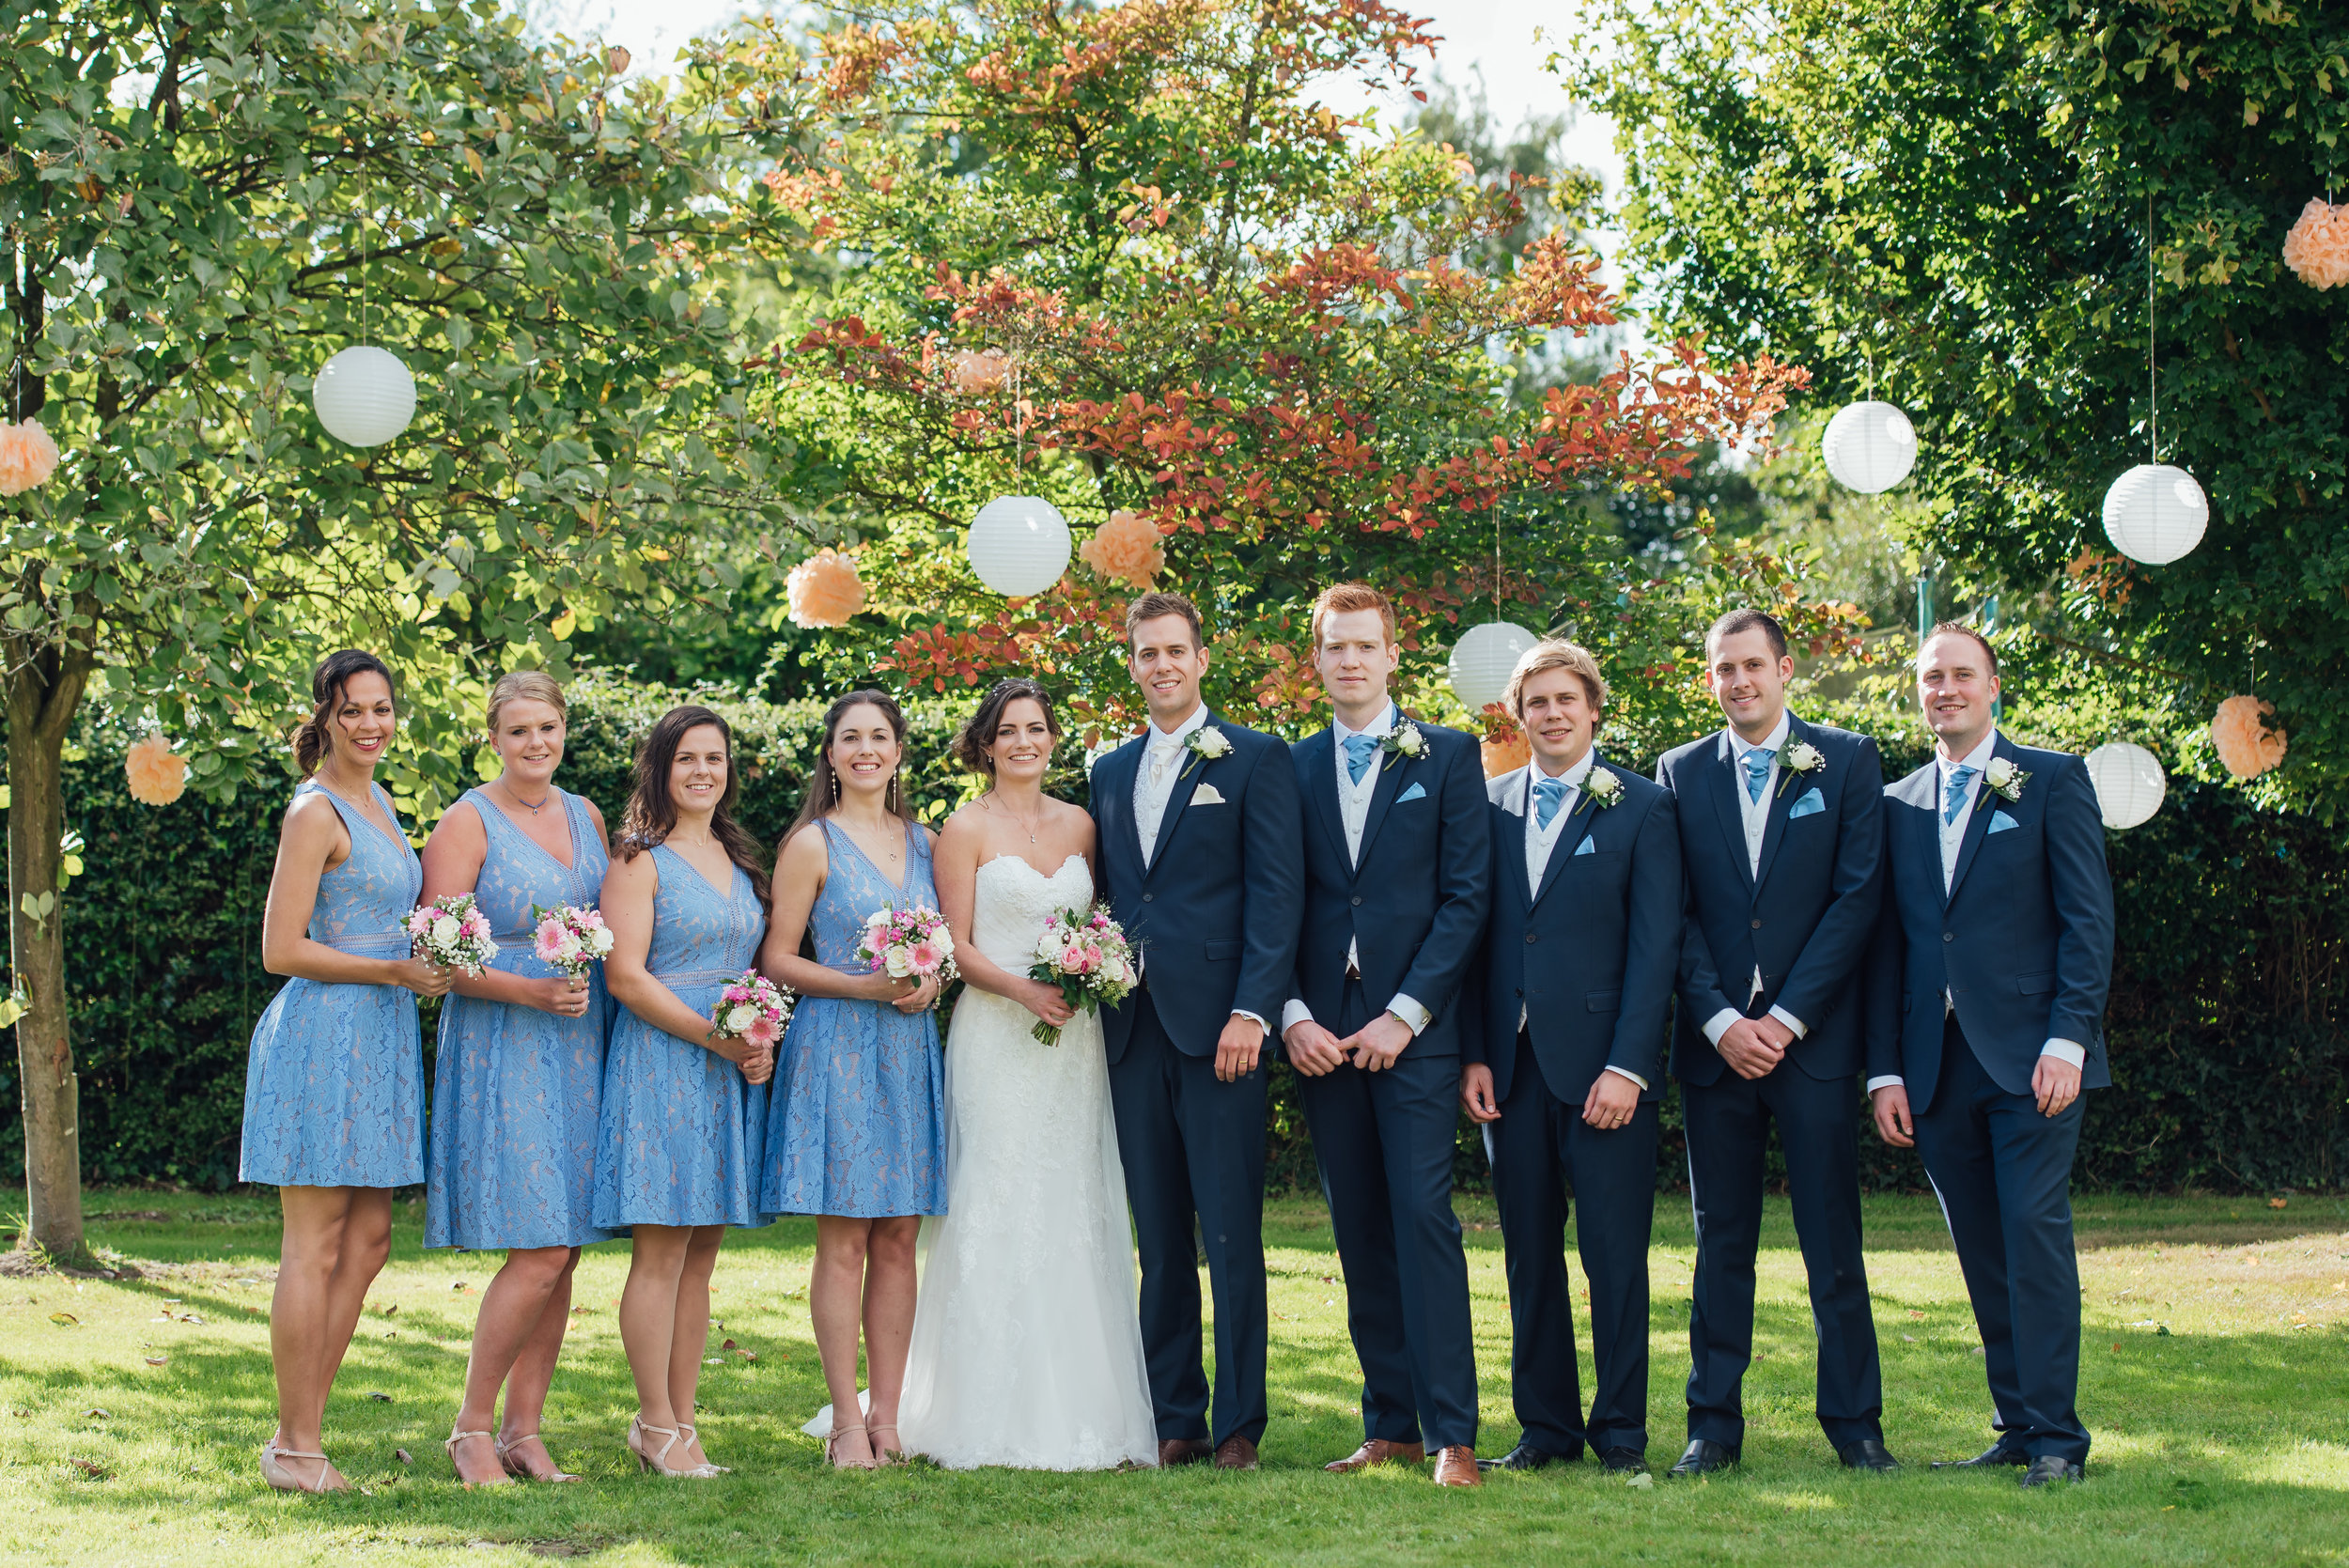 Hampshire-wedding-photographer : hampshire-village-hall-wedding : rotherwick-village-hall-wedding : wedding-photographer-hampshire : amy-james-photography : natural-wedding-photographer-hampshire : wedding-photographer-hampshire-650.jpg